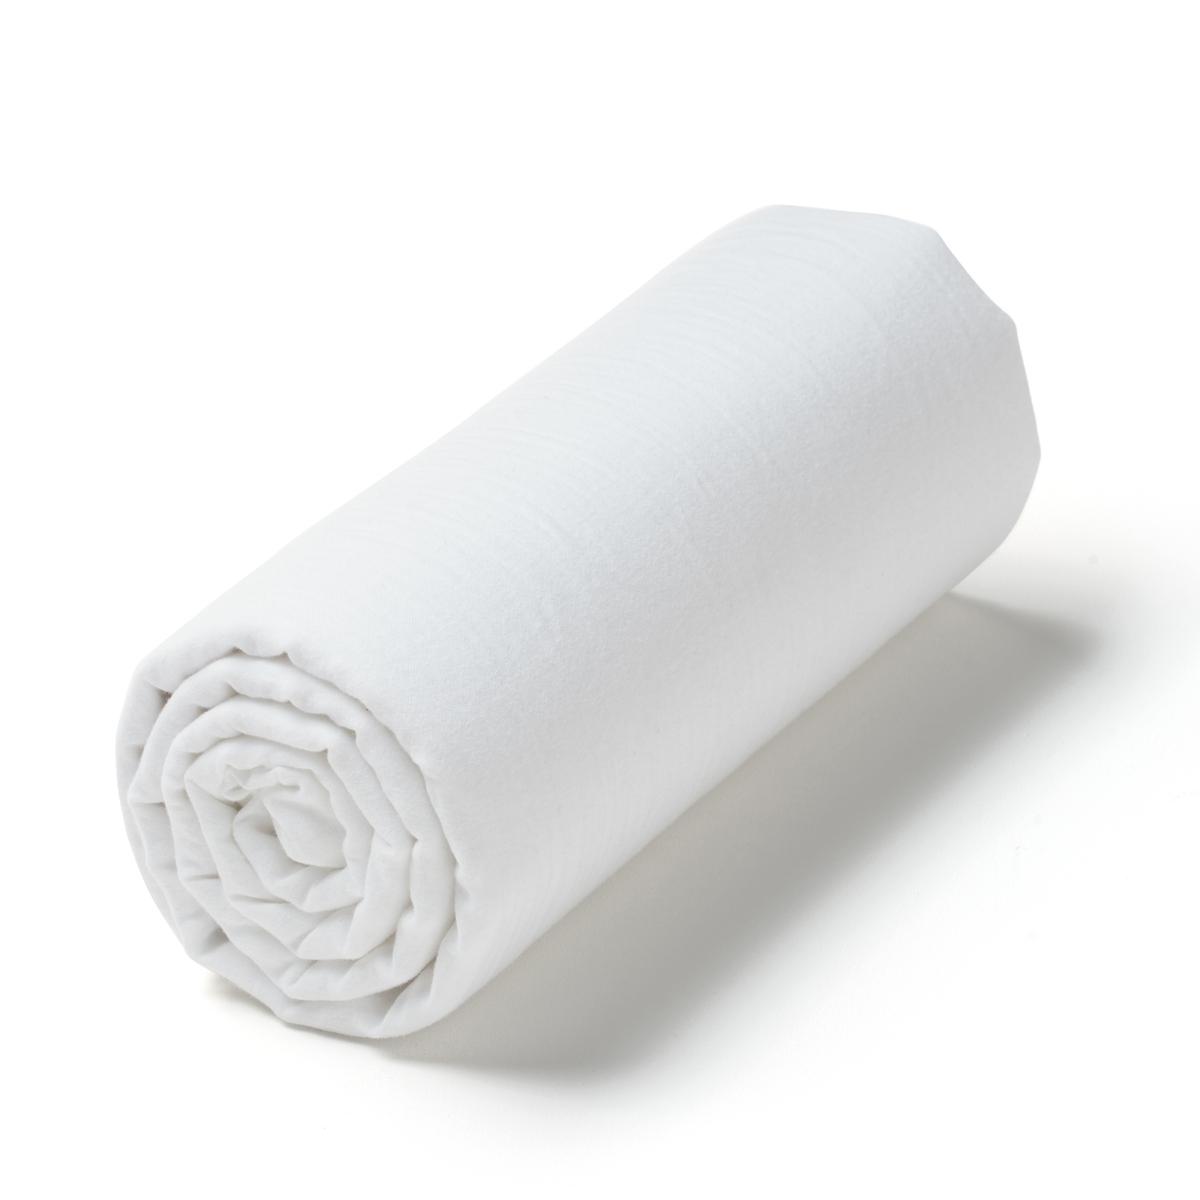 Простыня натяжная из газовой ткани, FeveroleНатяжная простыня Feverole. Газовая ткань, тонкая, воздушная, очень мягкая и слегка гофрированная. Тонкая, но чрезвычайно прочная газовая ткань легкая в уходе и не требует глажки.Материал : - Газовая ткань, 100% хлопокОтделка :- Клапан 20 смУход :- Машинная стирка при 40 °СРазмеры :90 x 190 см : 1-сп.140 x 190 см : 1-сп.160 x 200 см : 2-сп.Знак Oeko-Tex® гарантирует, что товары прошли проверку и были изготовлены без применения вредных для здоровья человека веществ.<br><br>Цвет: белый,бледный сине-зеленый,желтый подсолнух,паприка,розовый телесный,серый жемчужный,сливовый<br>Размер: 160 x 200  см.140 x 190  см